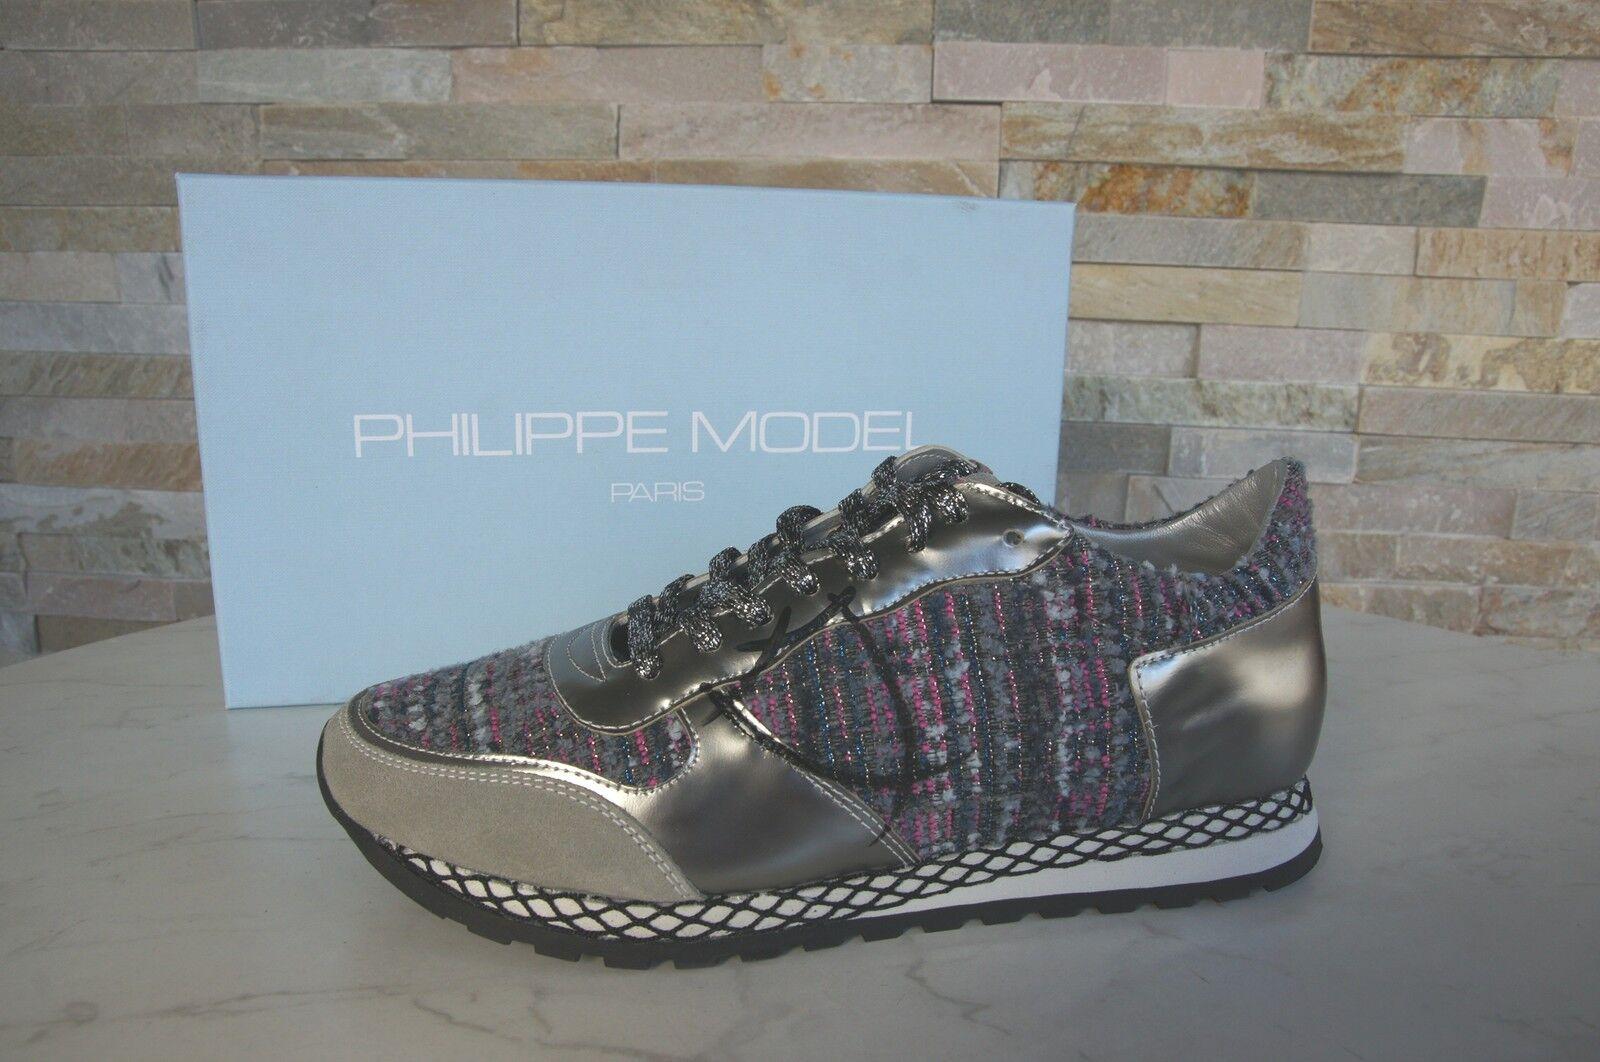 a prezzi accessibili Philippe Model Taglia 40 scarpe da ginnastica speciale speciale speciale Resau MULTIcolore SCARPE NUOVO ex UVP  promozioni di squadra